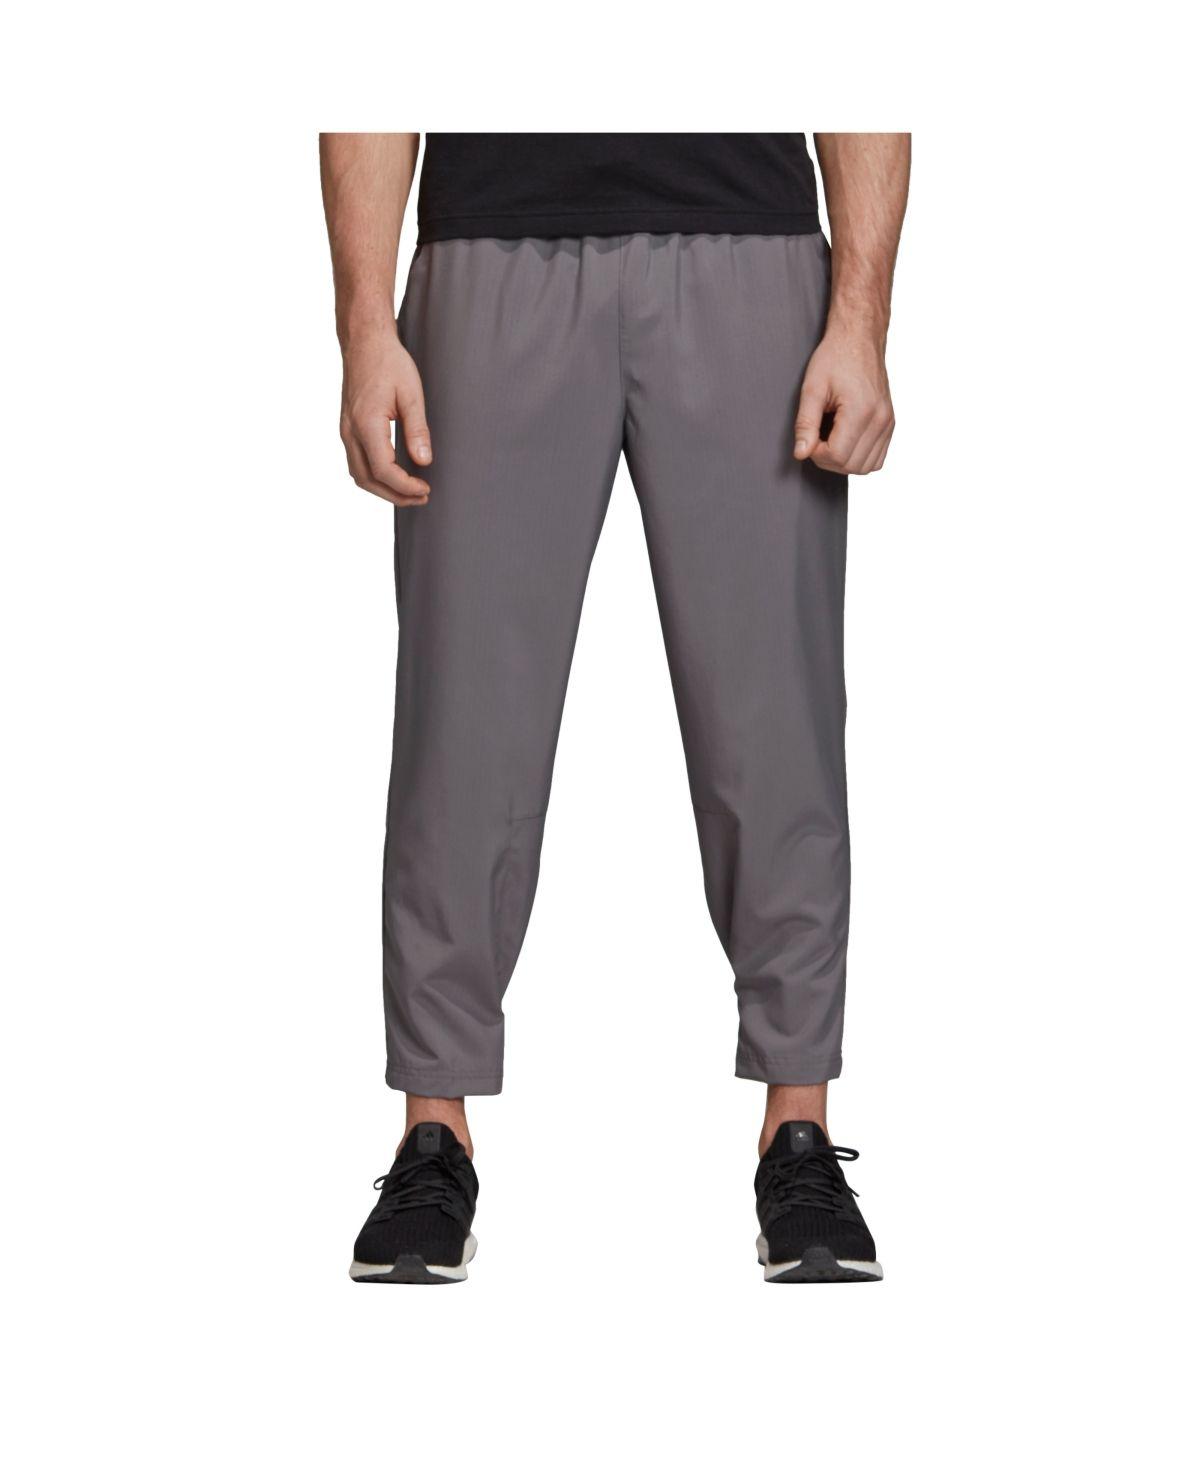 adidas 7 8 pants mens